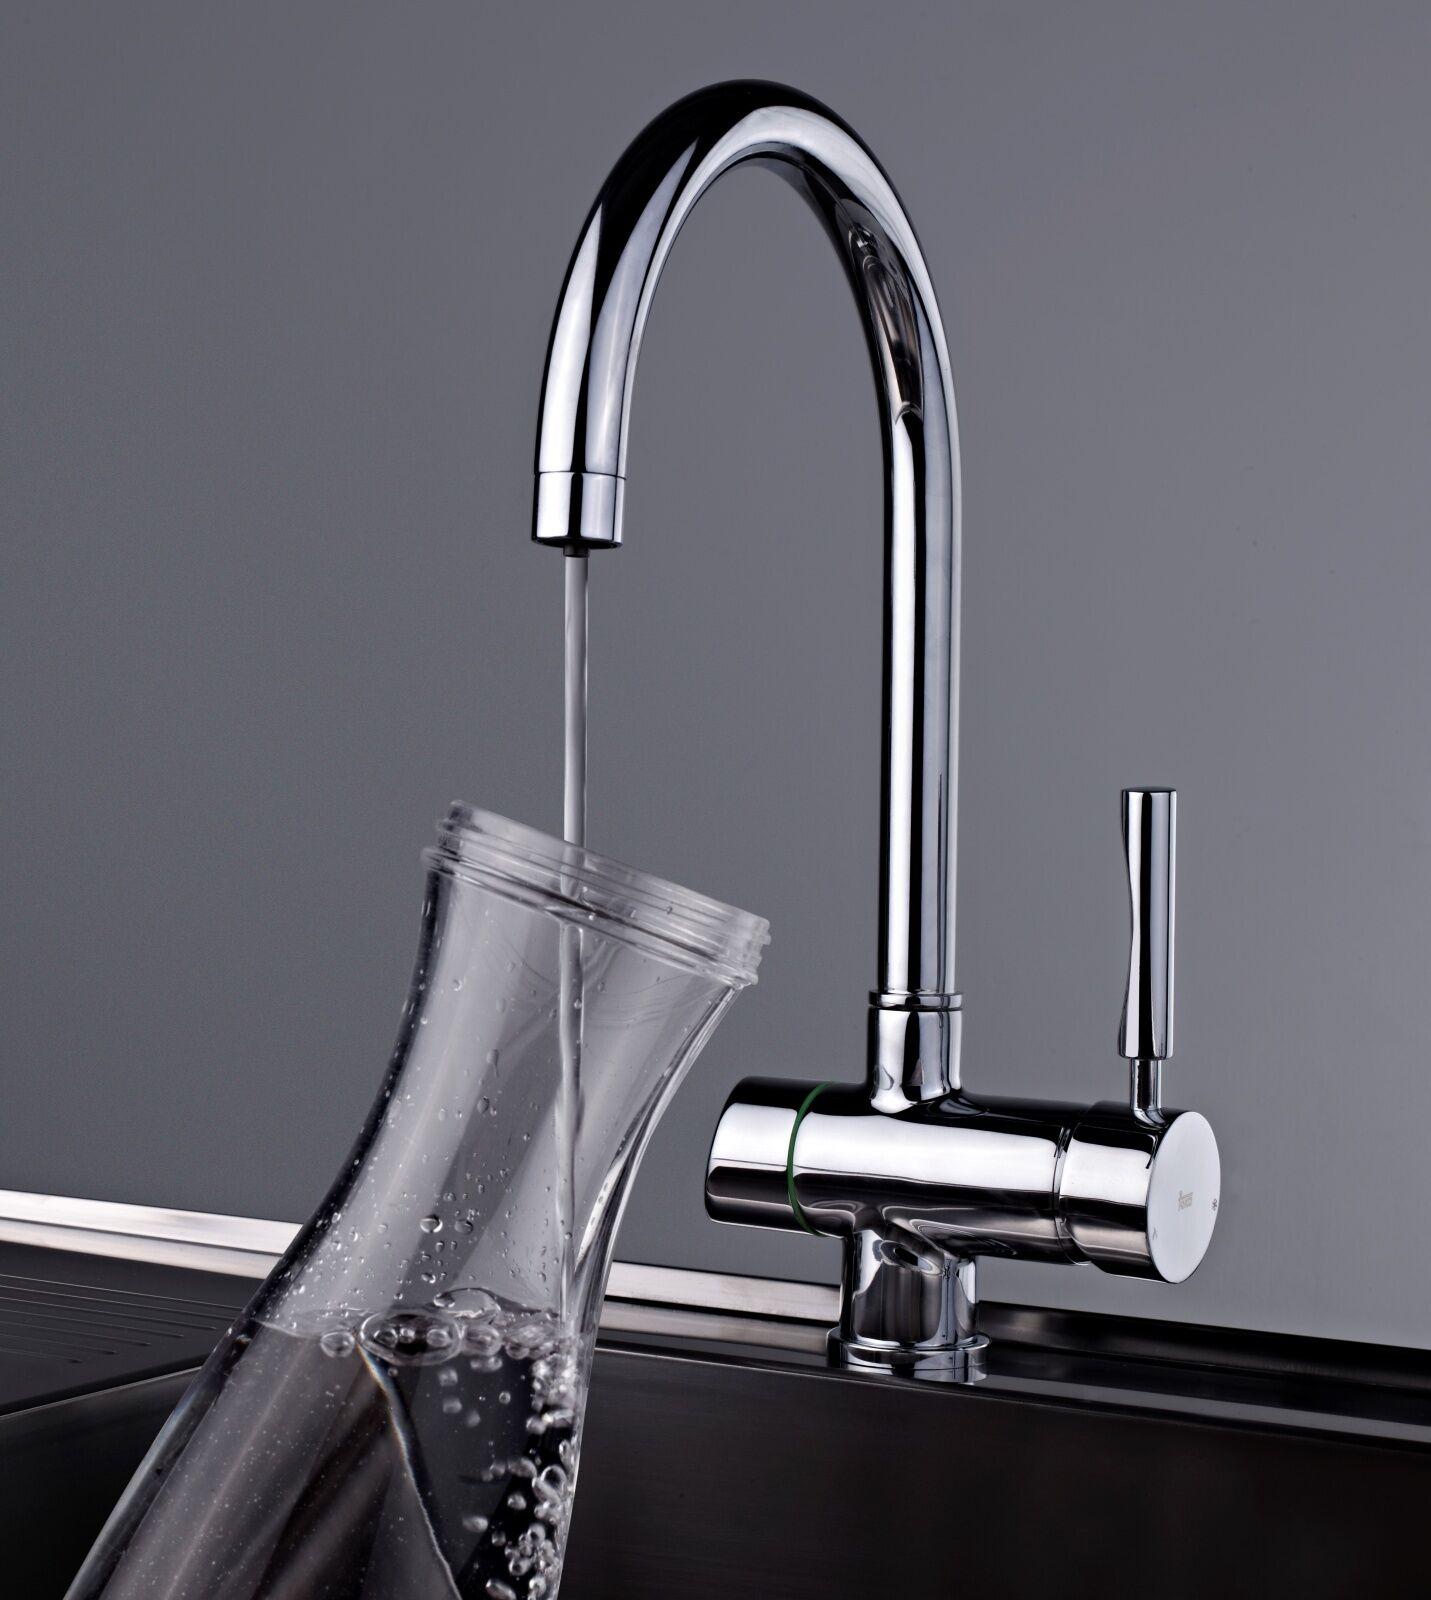 Teka 3-Wege Küchenarmatur Einhebelmischer gefiltertes Wasser direkt Armatur LO10